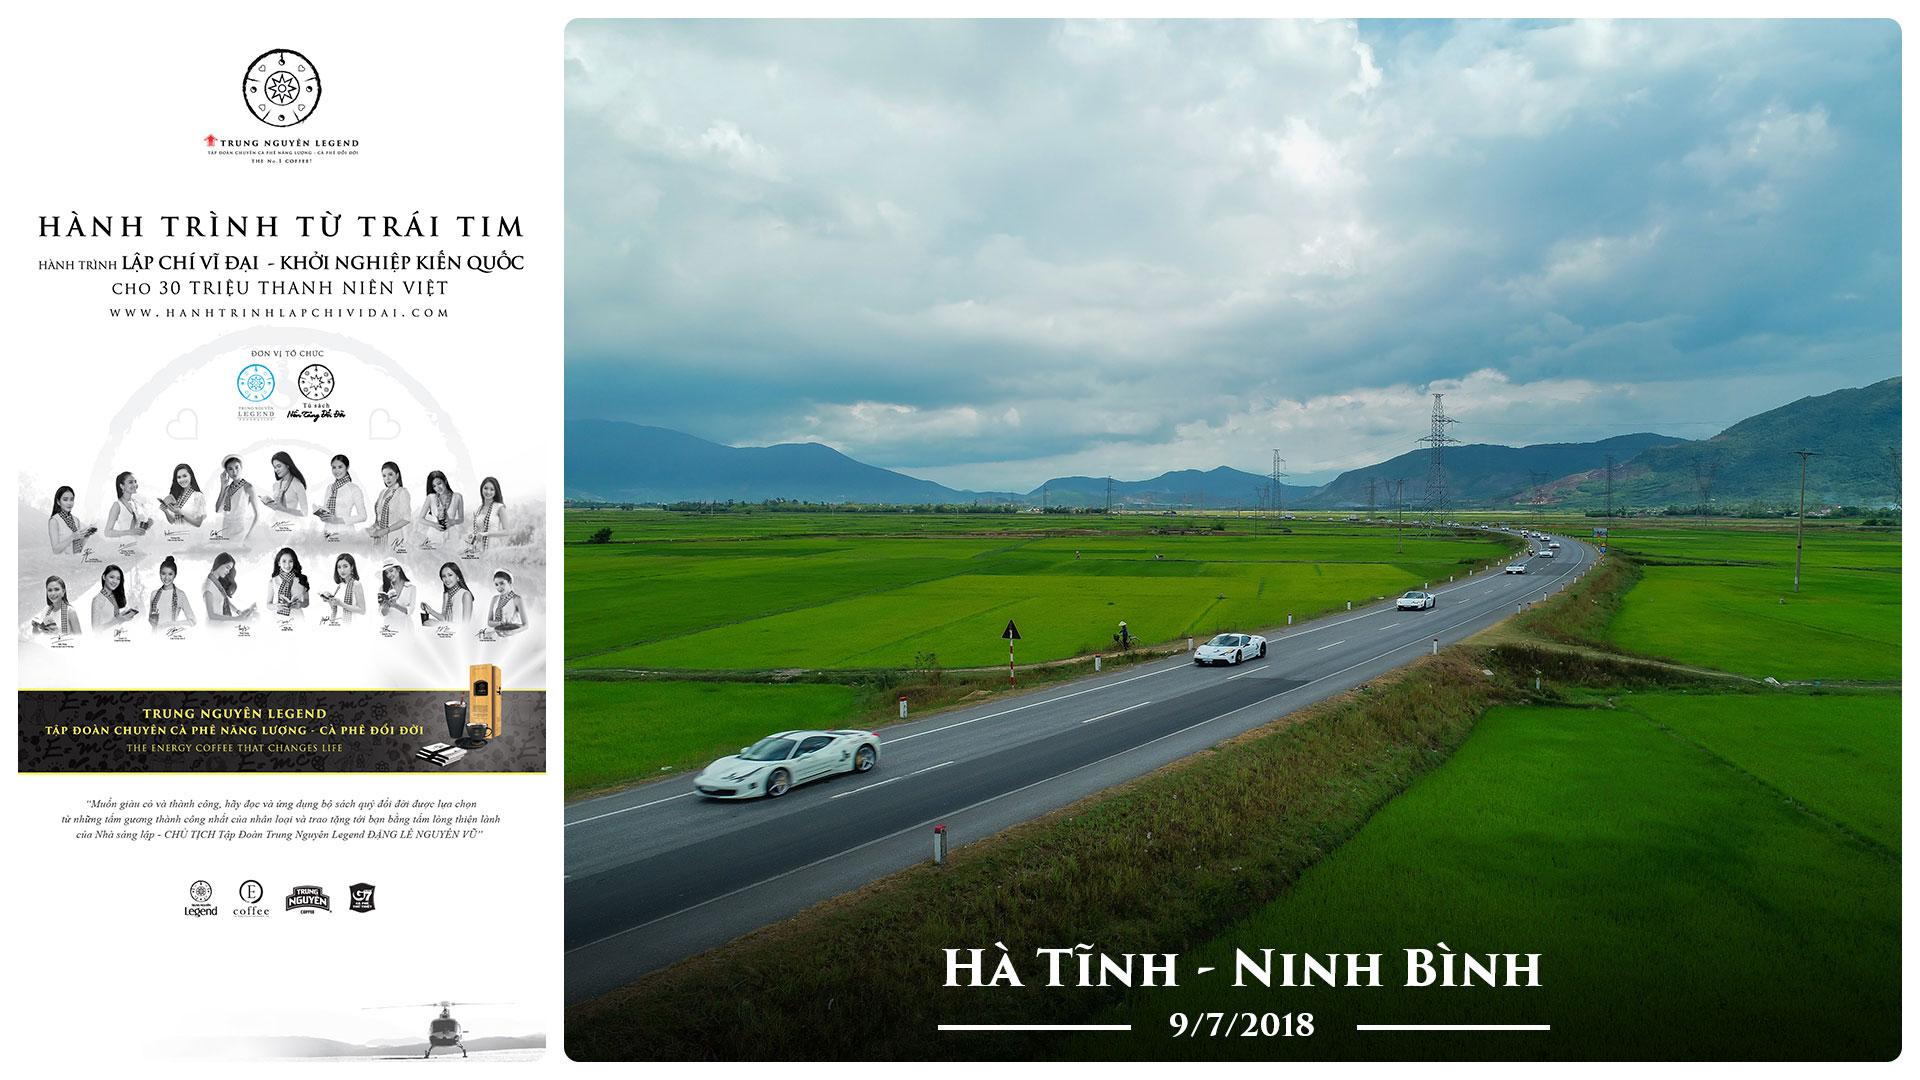 Nhật ký Hành Trình Từ Trái Tim – Ngày 9/7/2018 – Hà Tĩnh – Ninh Bình